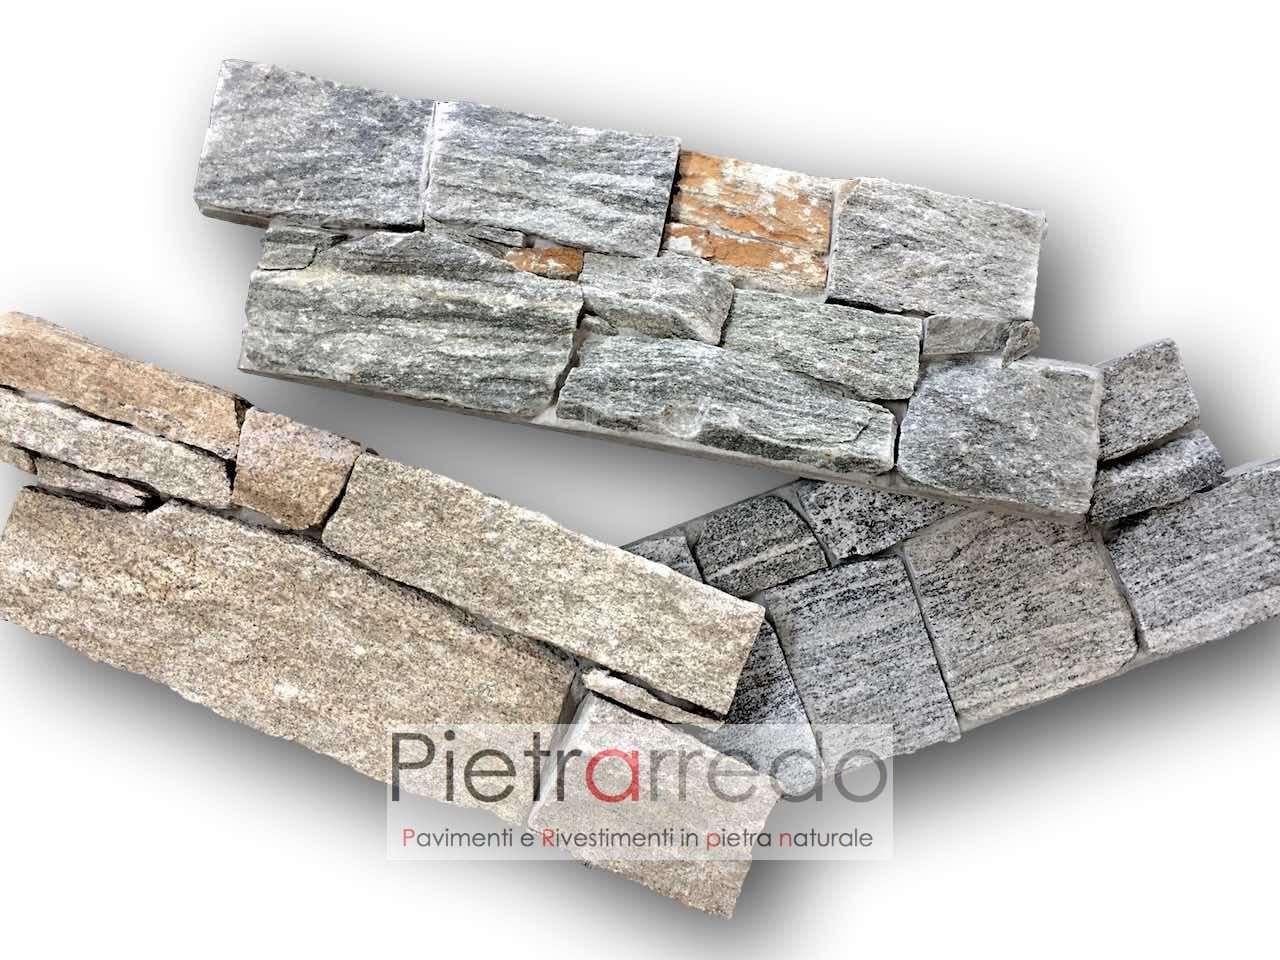 Rivestimenti in pietra pietrarredo prezzi scontati del for Case con rivestimenti in pietra